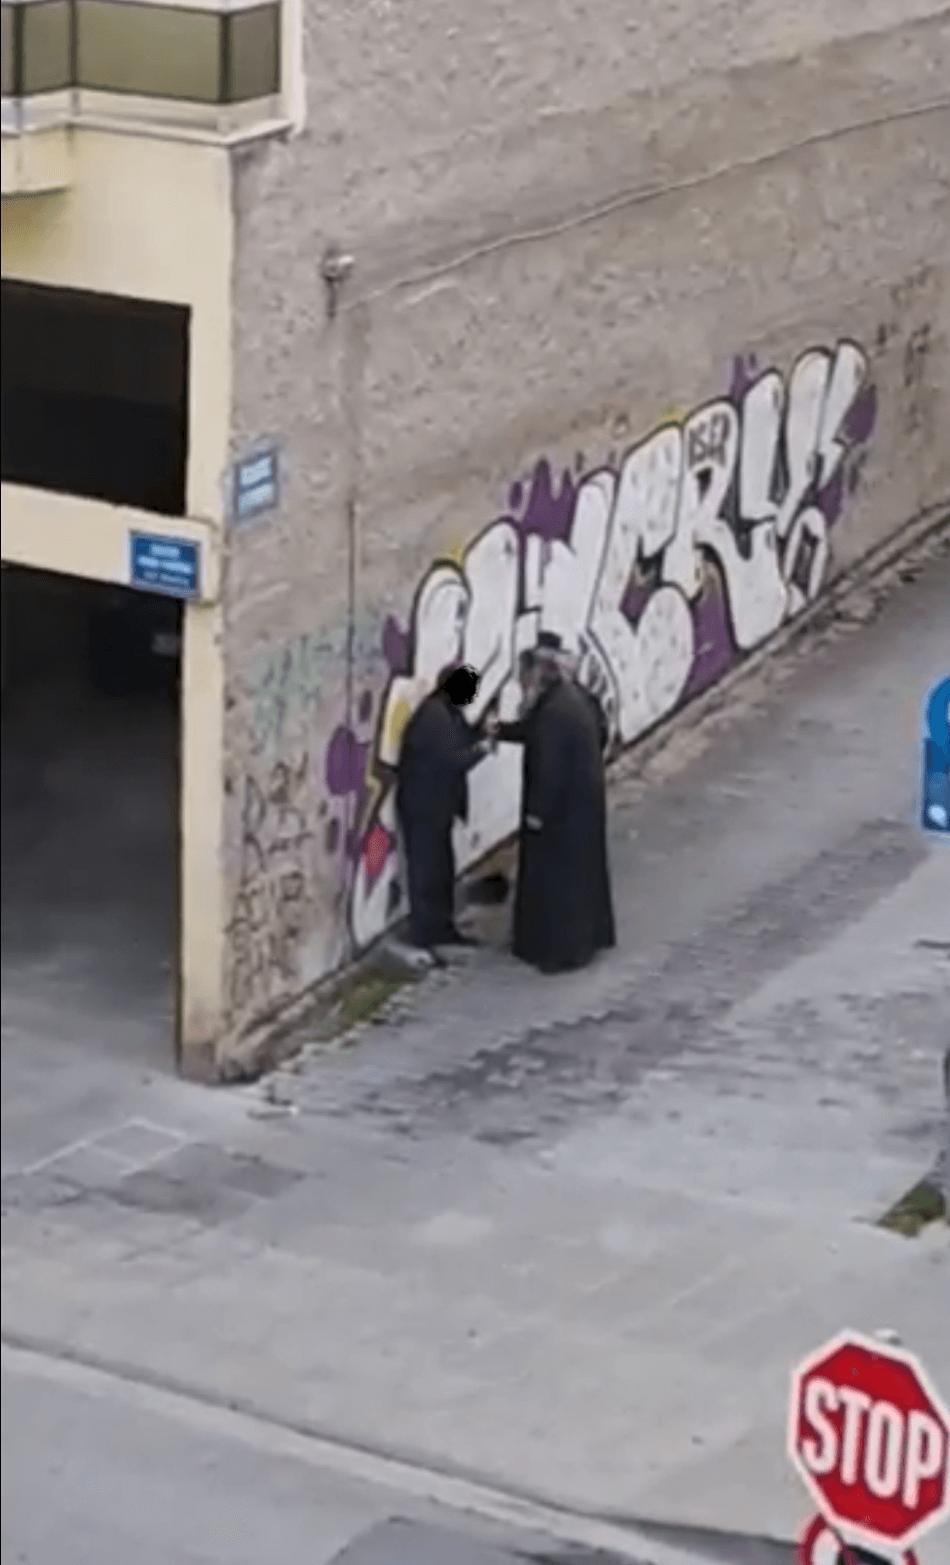 ΣΟΚ : Ιερέας χαστουκίζει πολίτη σε γειτονιά της Κοζάνης